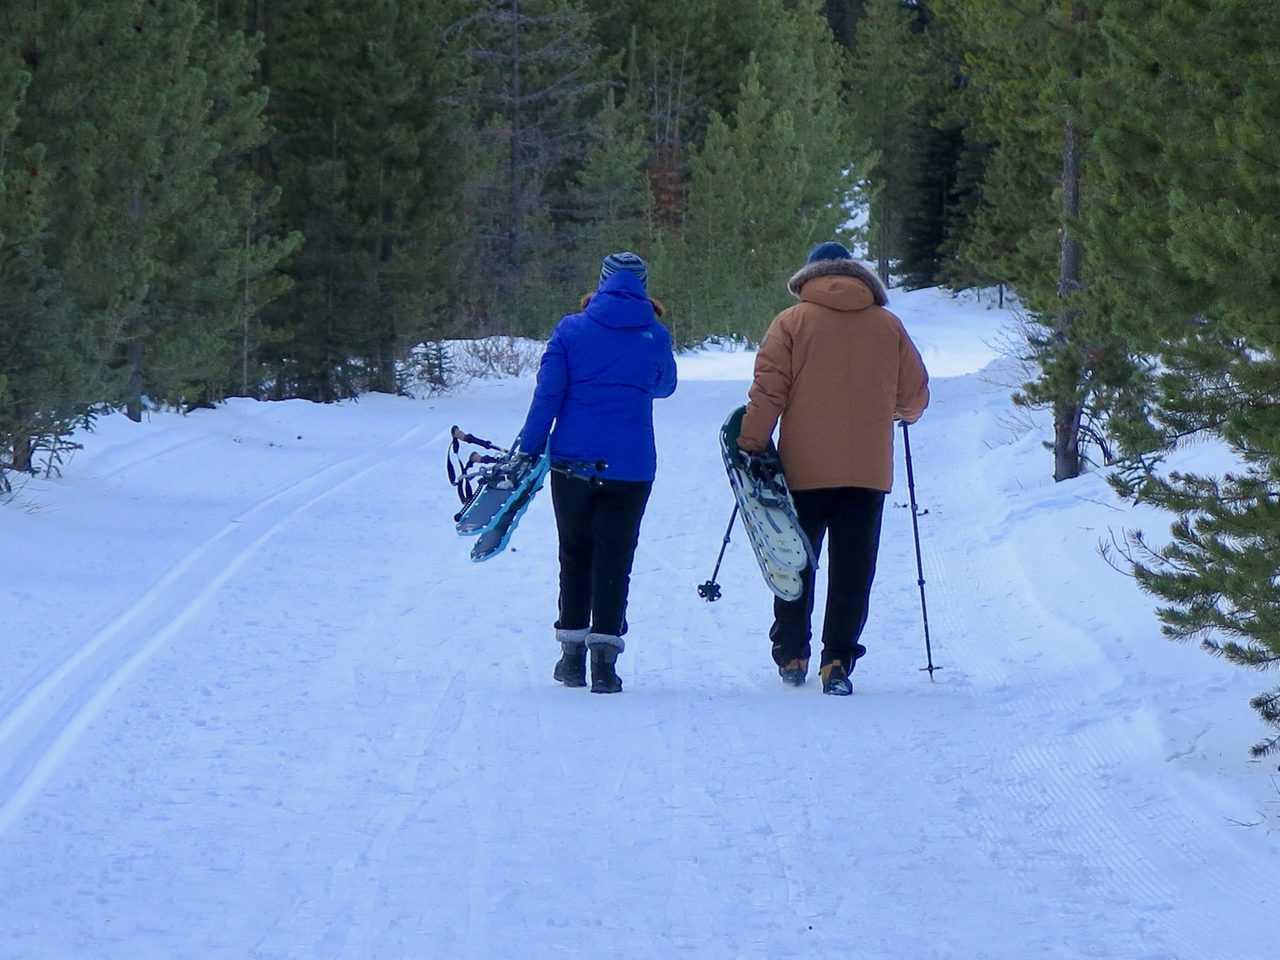 snowshoe trail etiquette